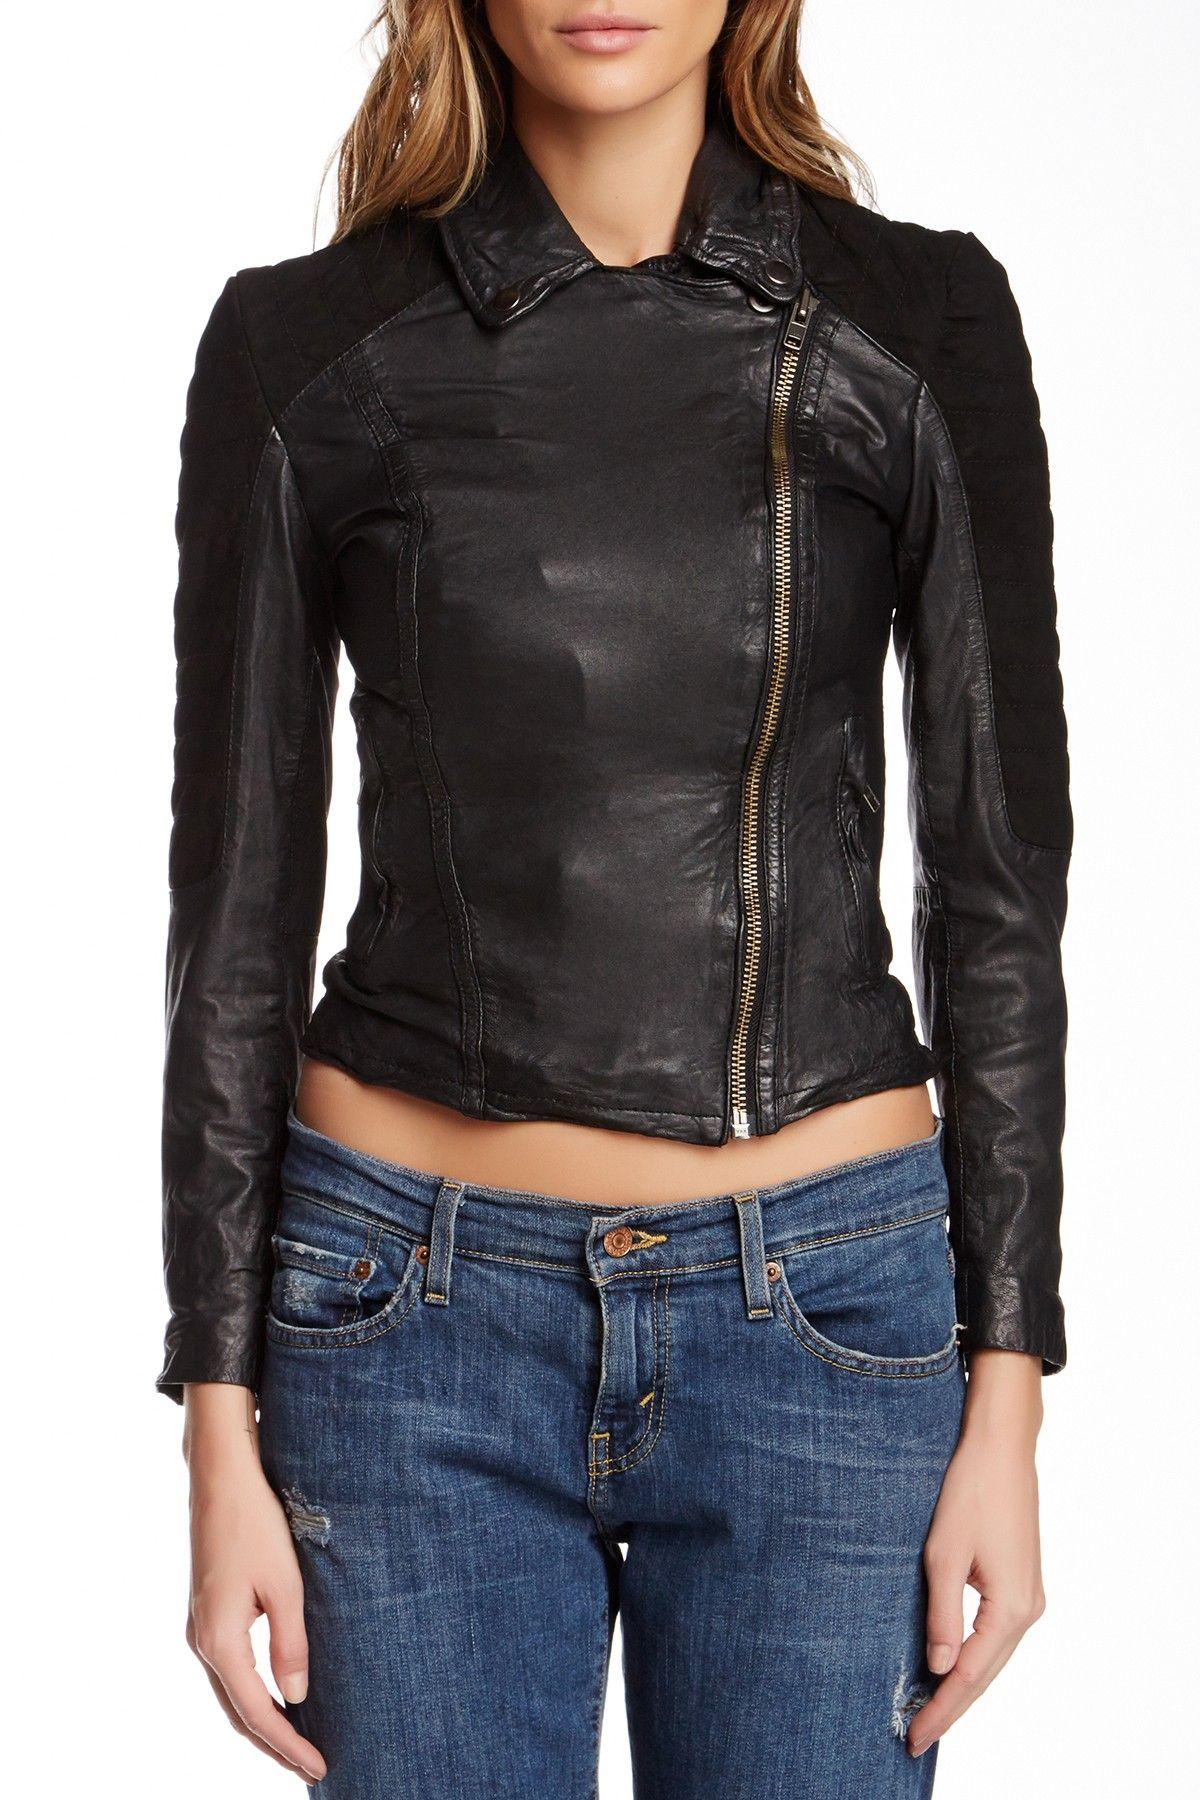 On Hautelook Muubaa Xera Quilted Leather Biker Jacket Biker Jacket Leather Biker Jacket Jackets [ 1800 x 1200 Pixel ]